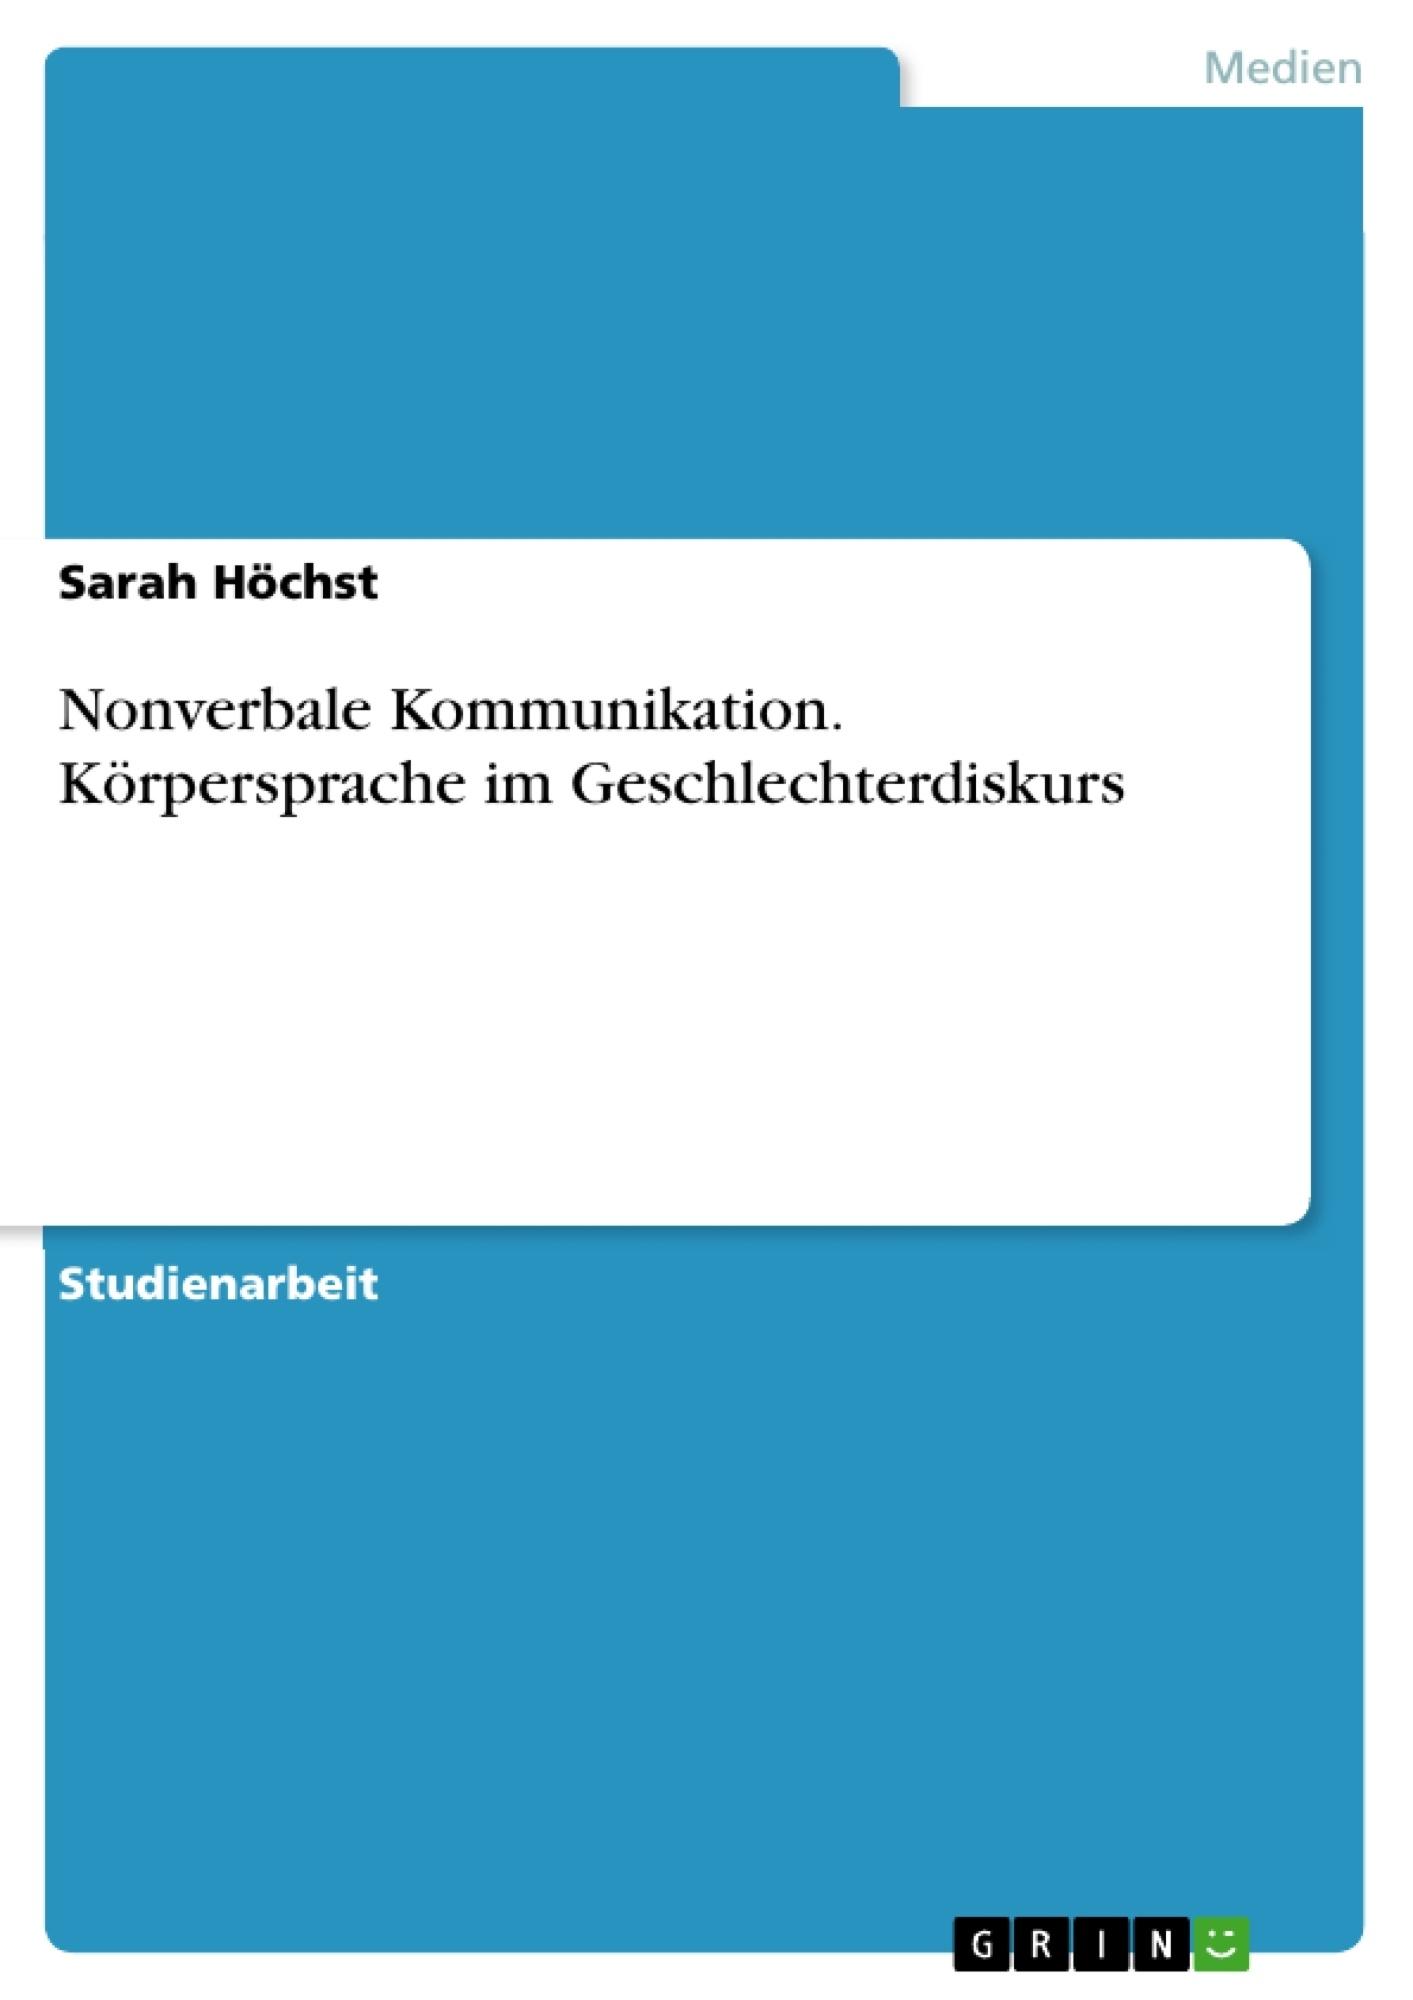 Titel: Nonverbale Kommunikation. Körpersprache im Geschlechterdiskurs